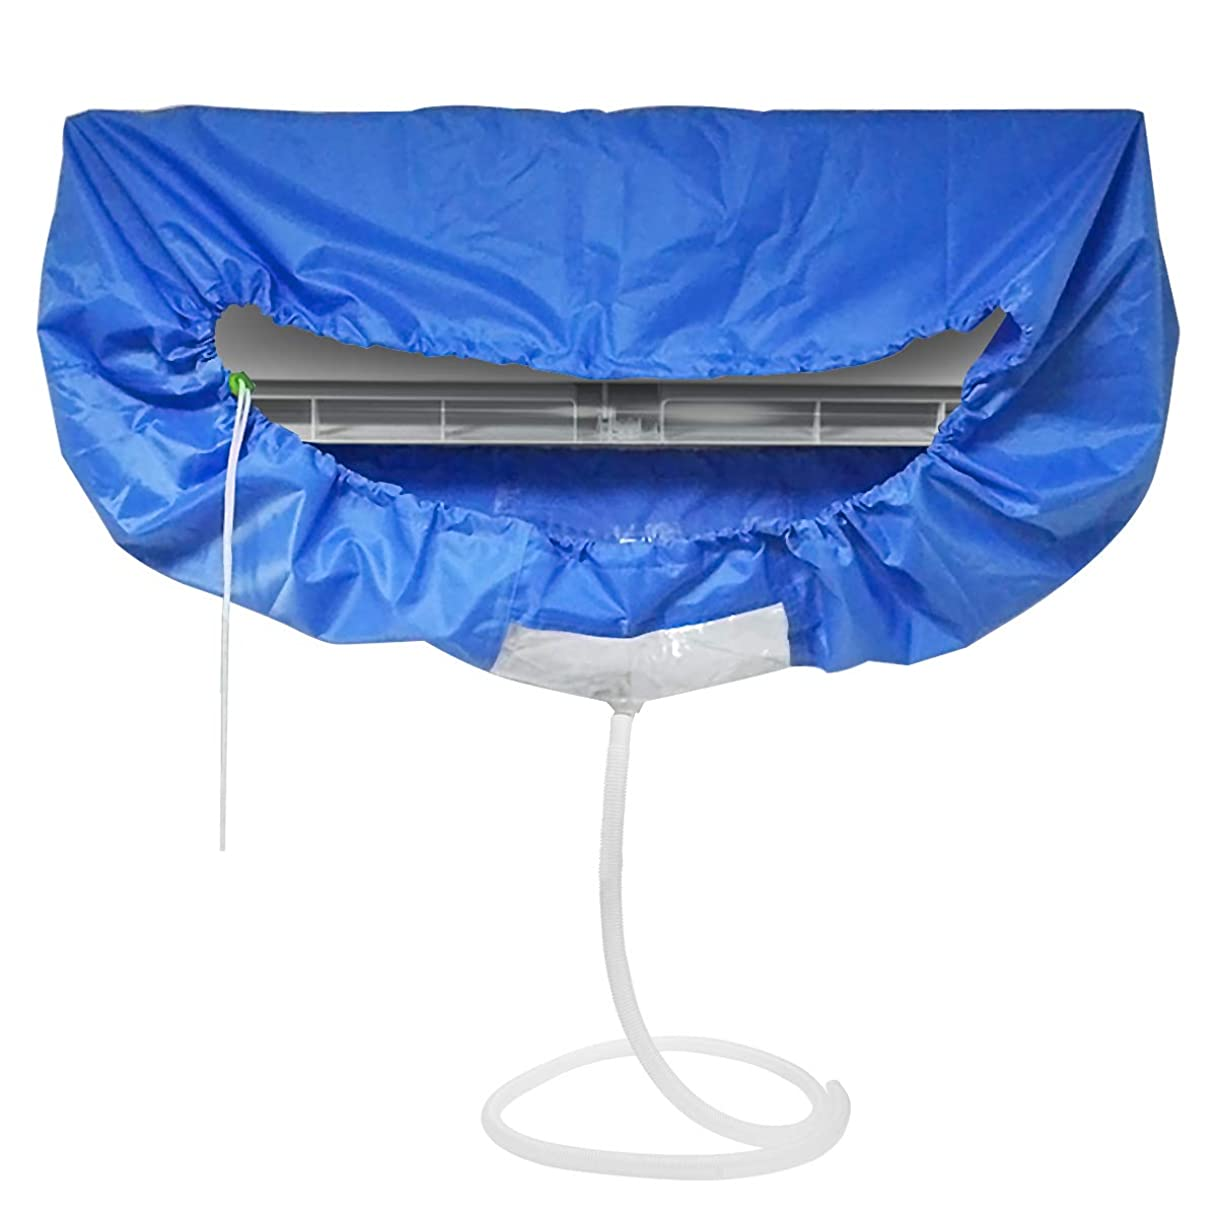 リンクマークされたオンエアコン 洗浄 カバー 掃除 シート 壁掛け用 排水 家庭用クリーニング 【ホース長さ 約2m】CoiTek